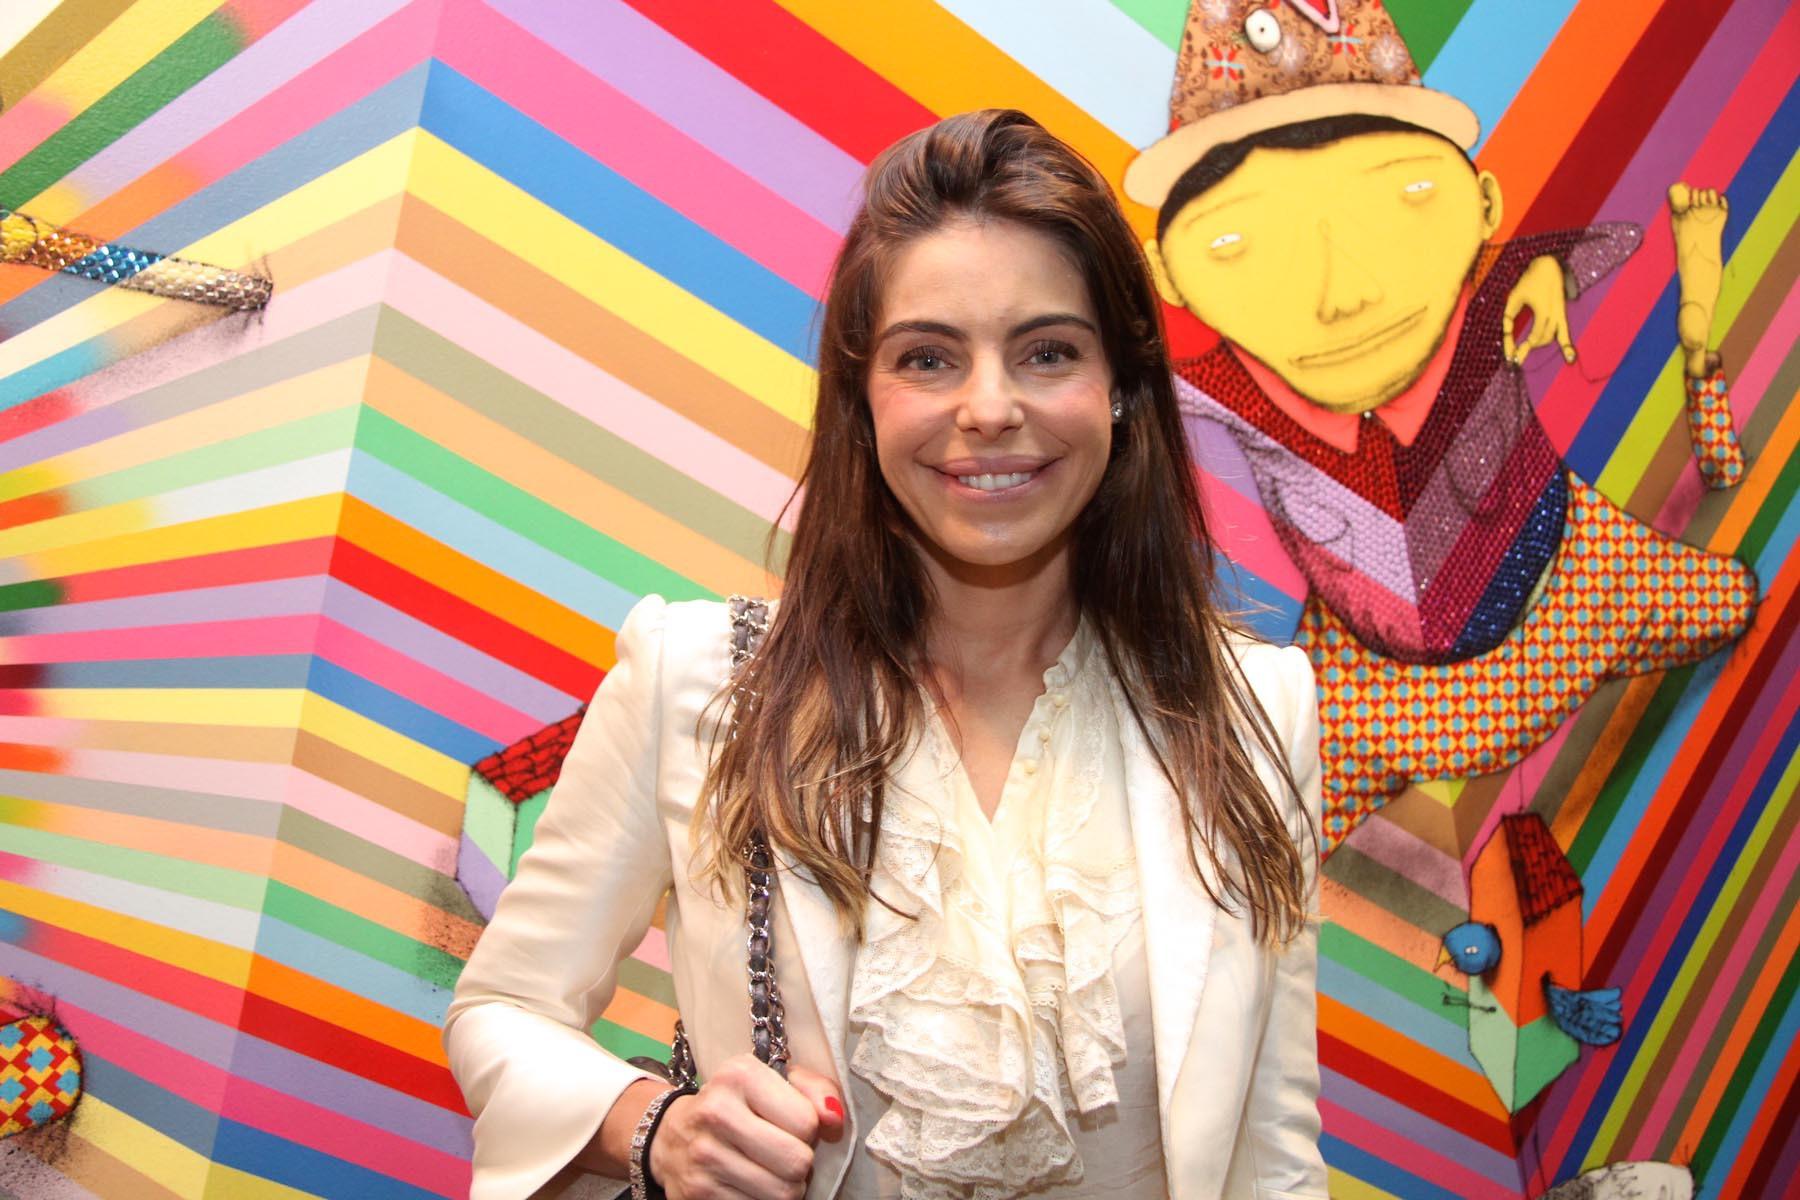 Daniella Cicarelli Widescreen